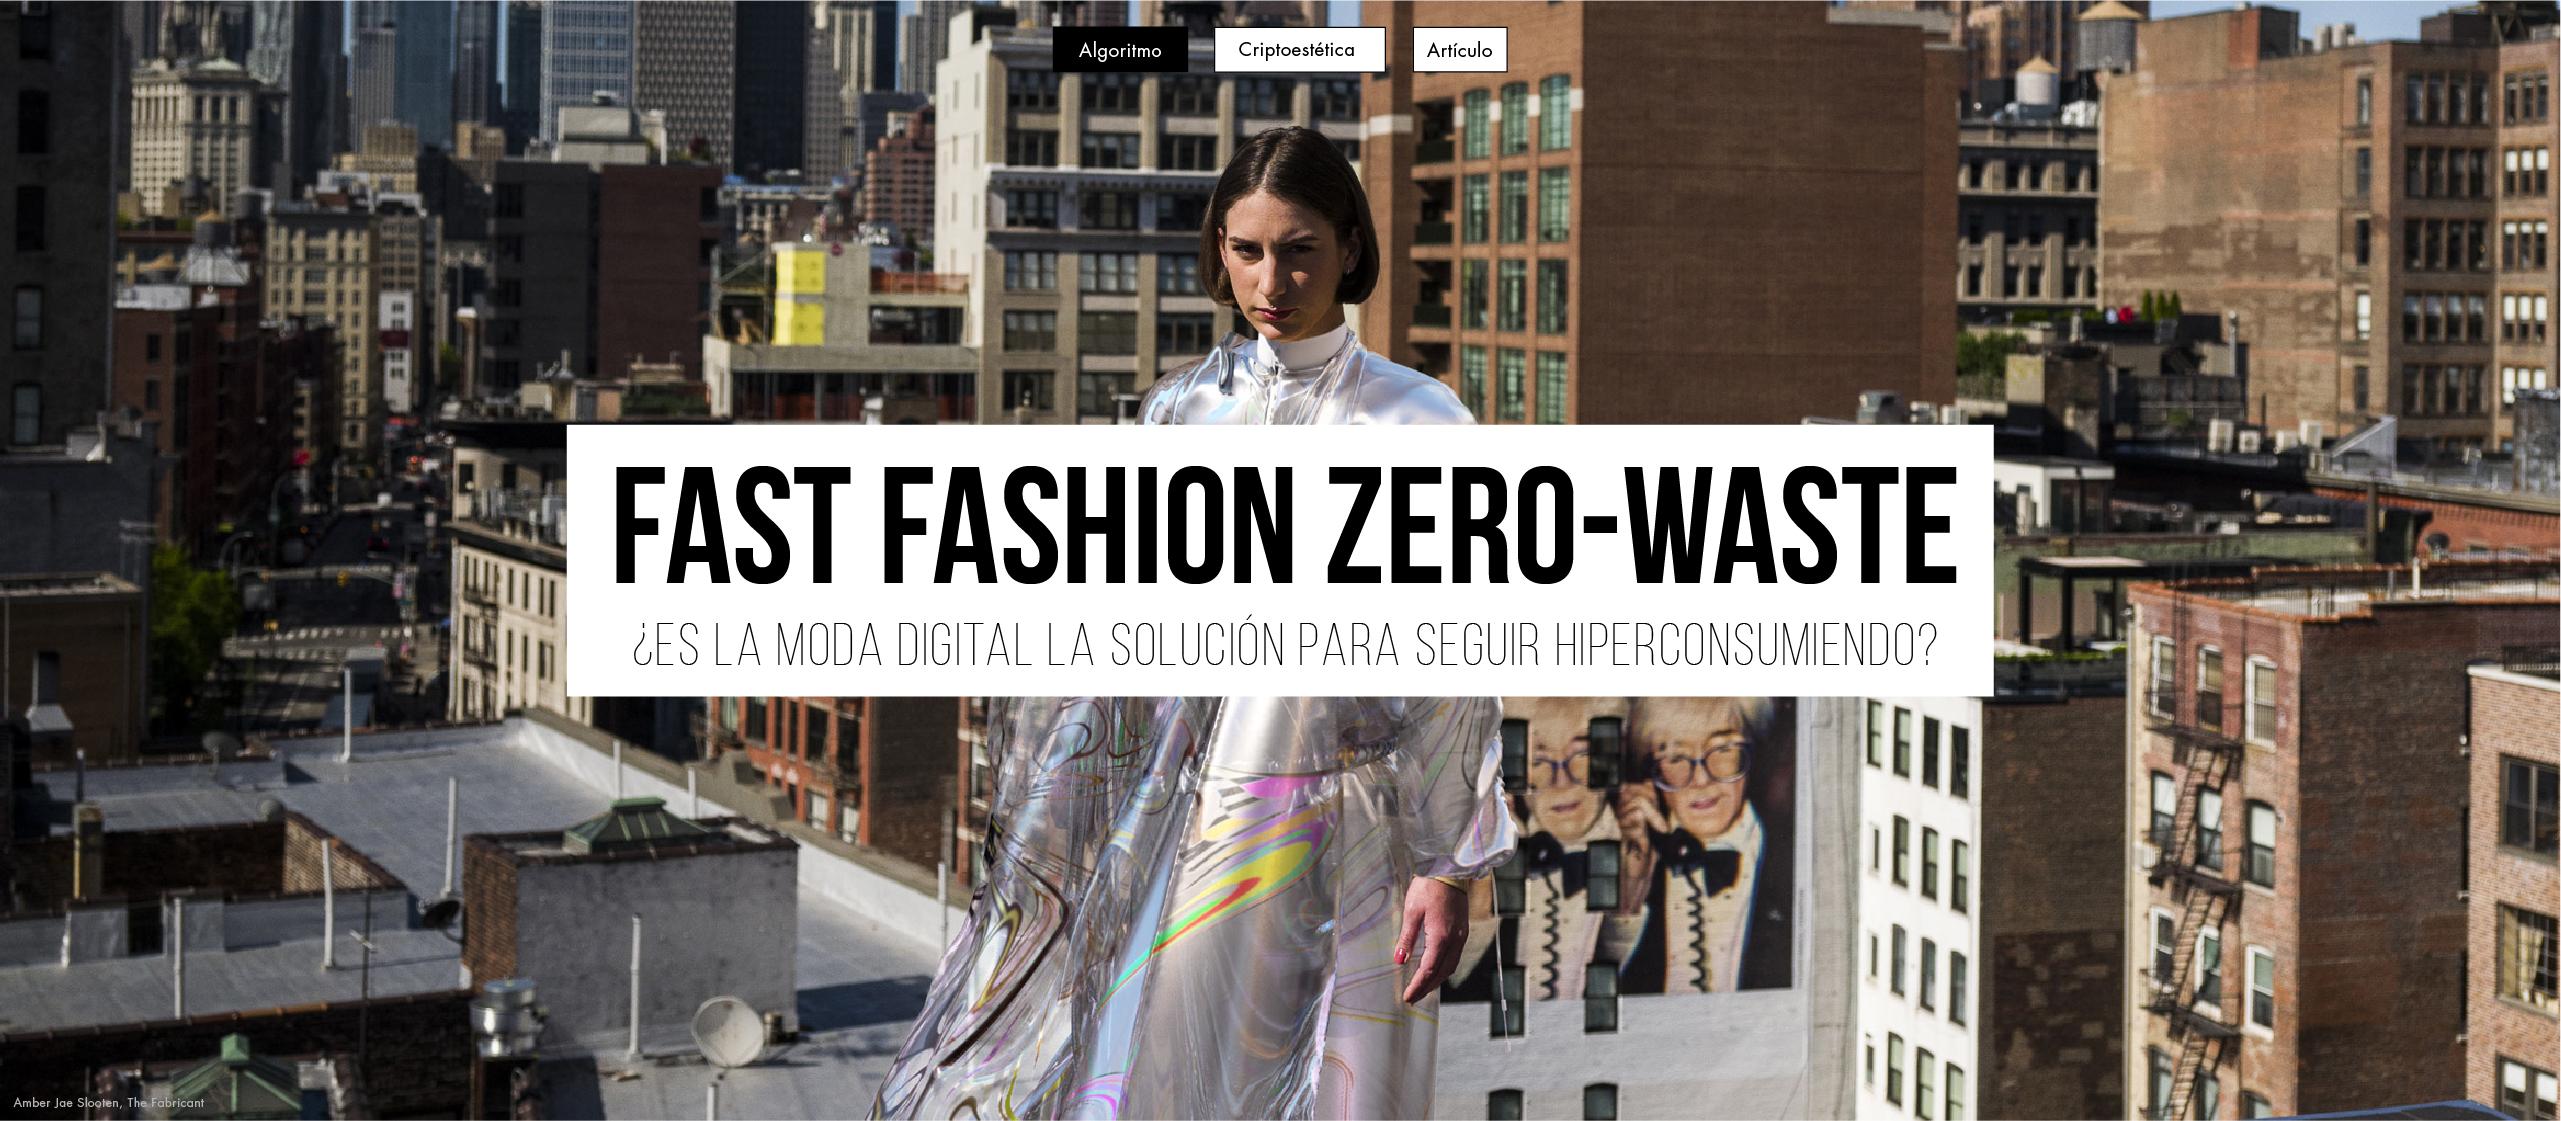 Fast Fashion Zero-Waste: ¿Es la moda digital la solución para seguir hiperconsumiendo?